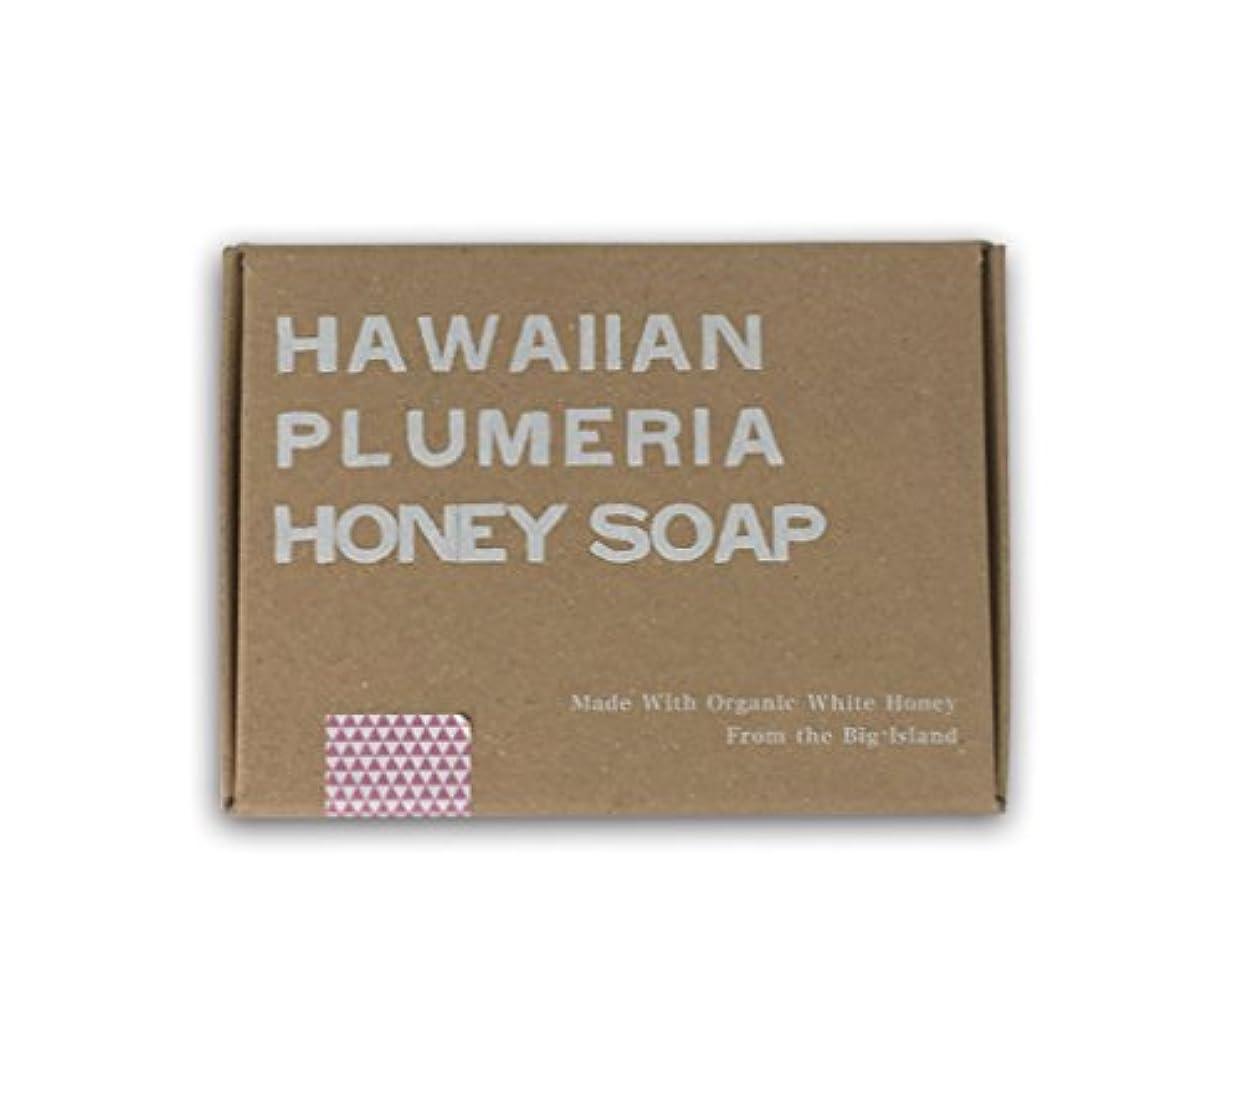 見えるガード誘惑ホワイトハニーオーガニクス ハワイアン?プルメリア?ハニーソープ (Hawaiian Plumeria Honey Soap)